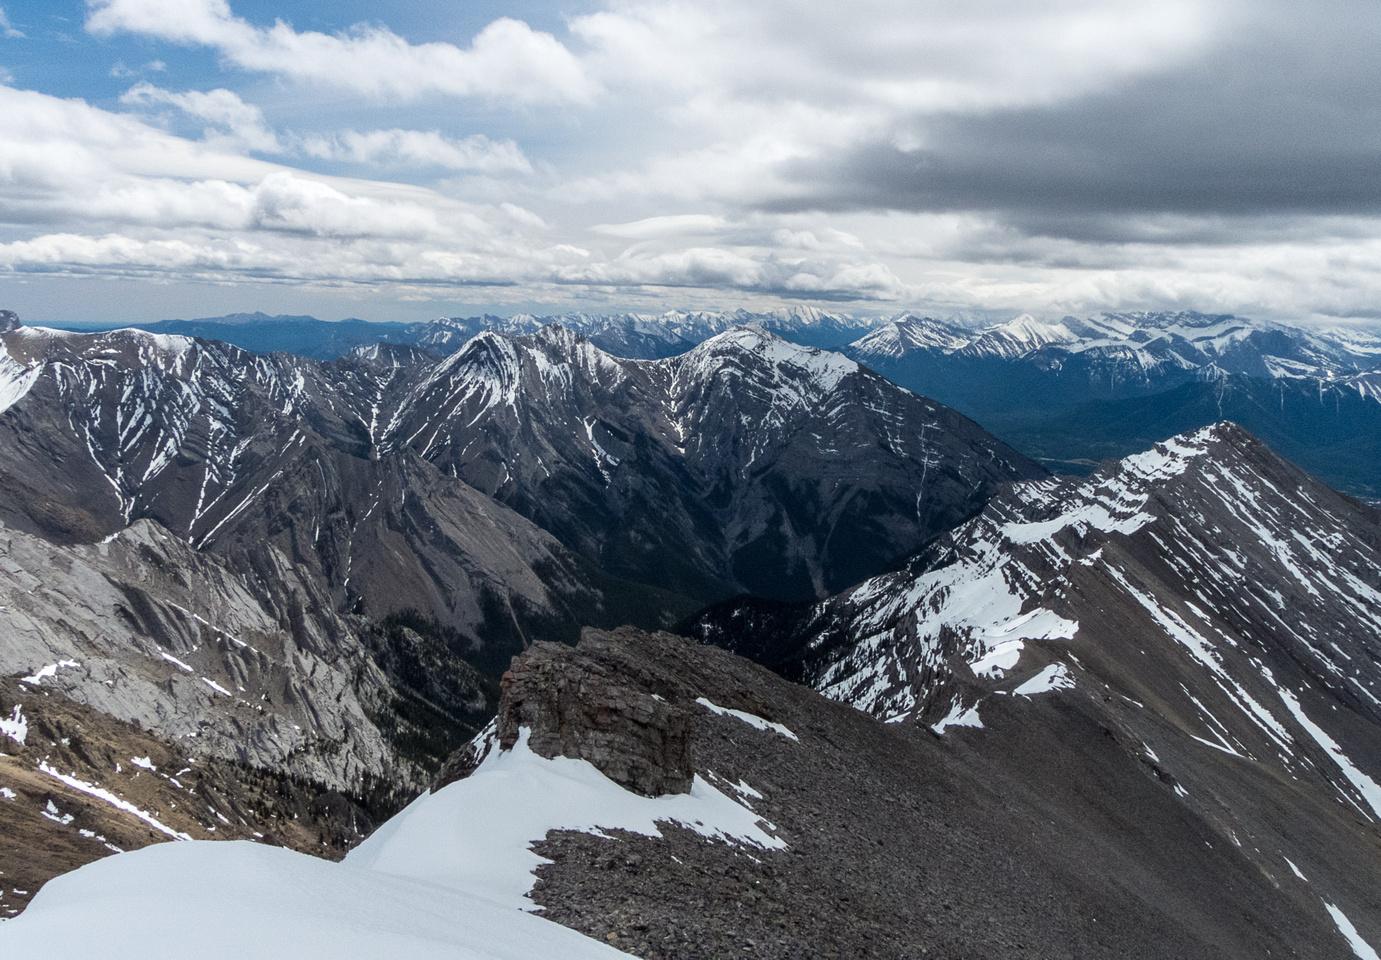 Grotto Mountain.